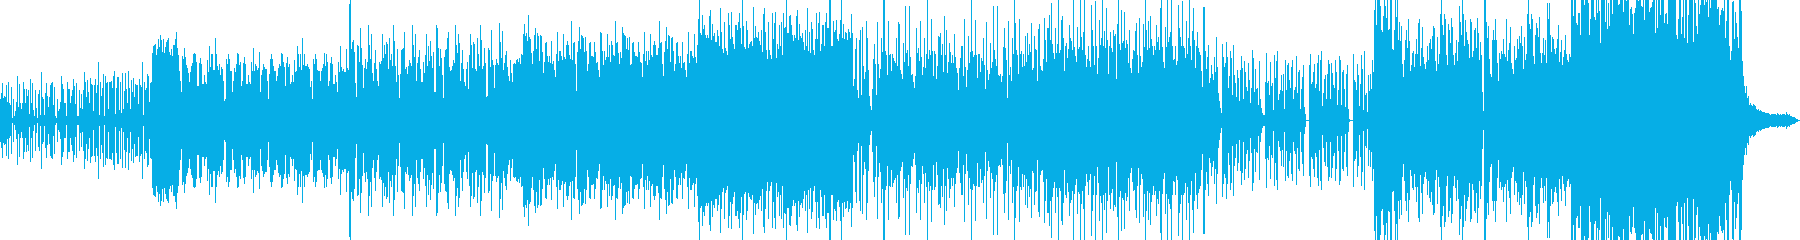 狂気とコミカルが混ざったドラムンベースの再生済みの波形